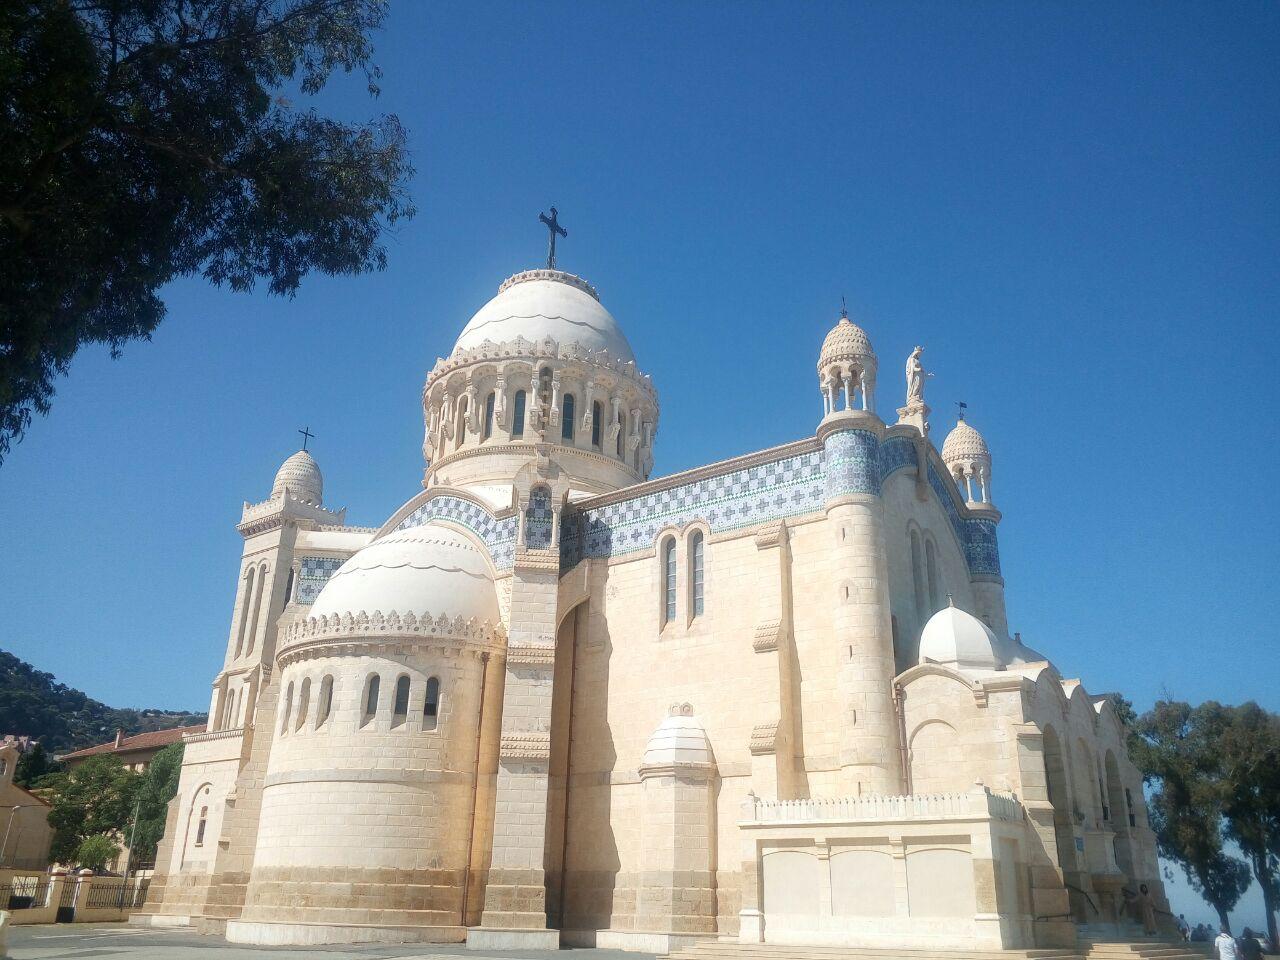 非洲圣母院  Notre Dame d'Afrique   -0